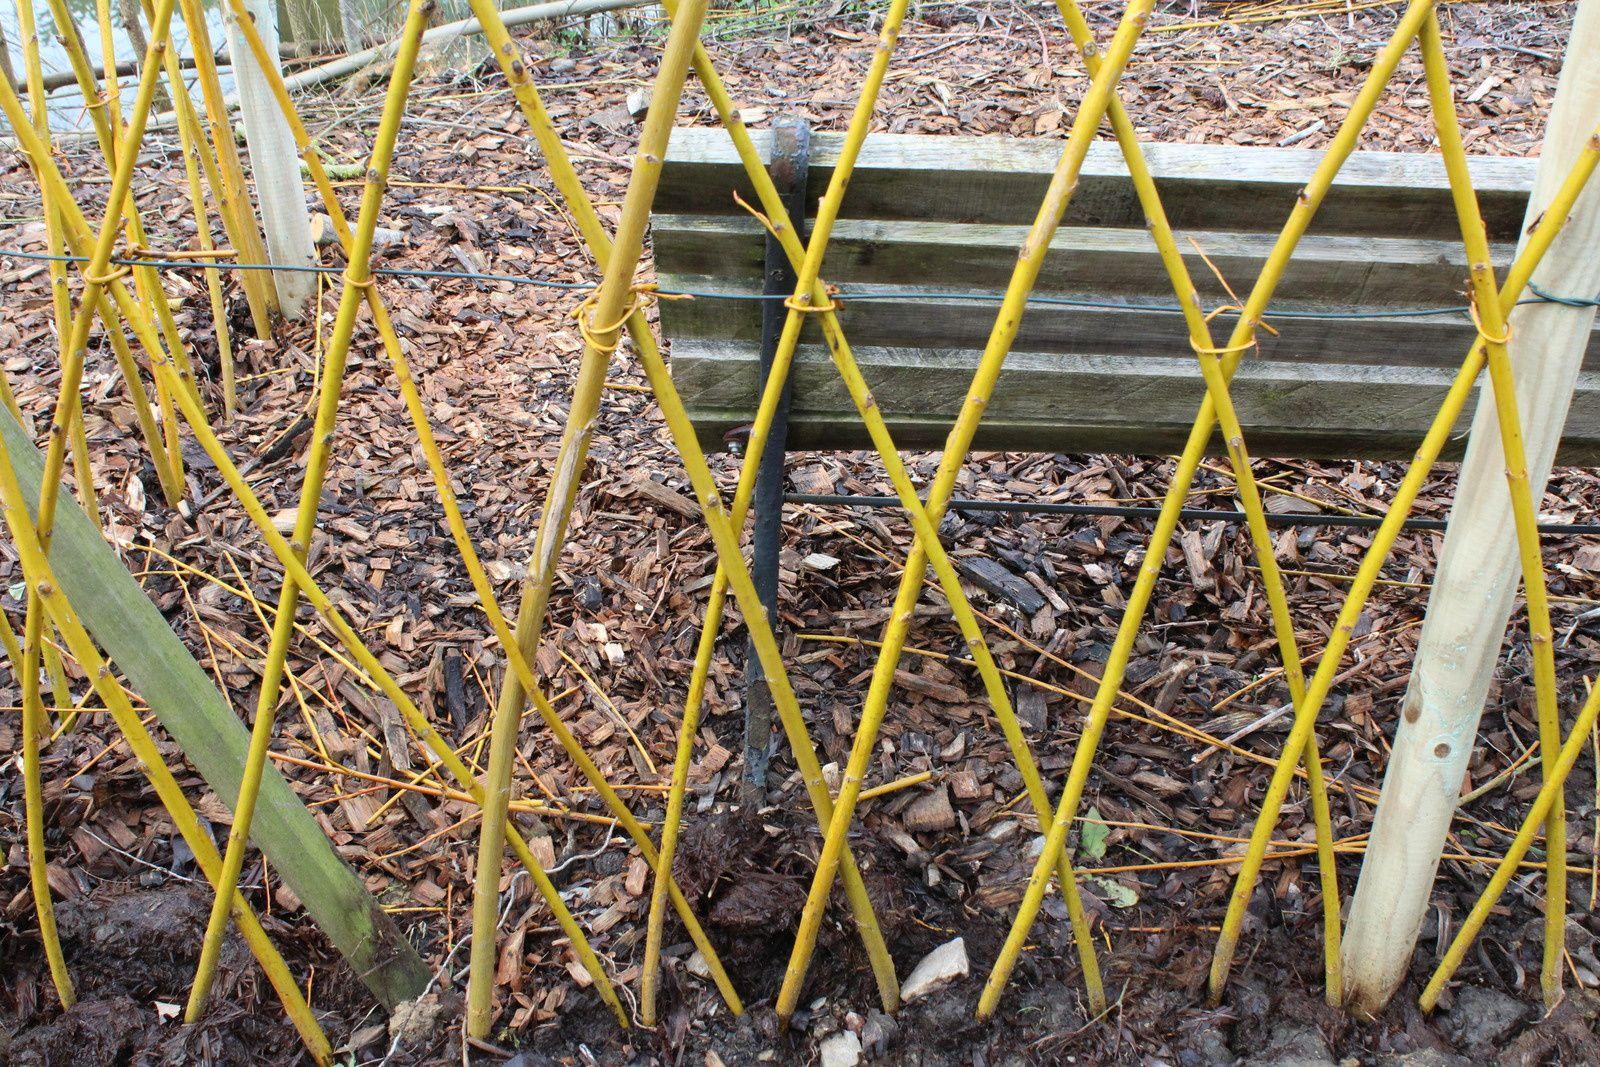 on a bien travaillé les saules et utiliser les branches orange pour un plessis derrière le banc de la source . et des retenues pour les népétas ...à suivre, mais déjà c'est un ajout de couleurs dans le jardin .j'aime !